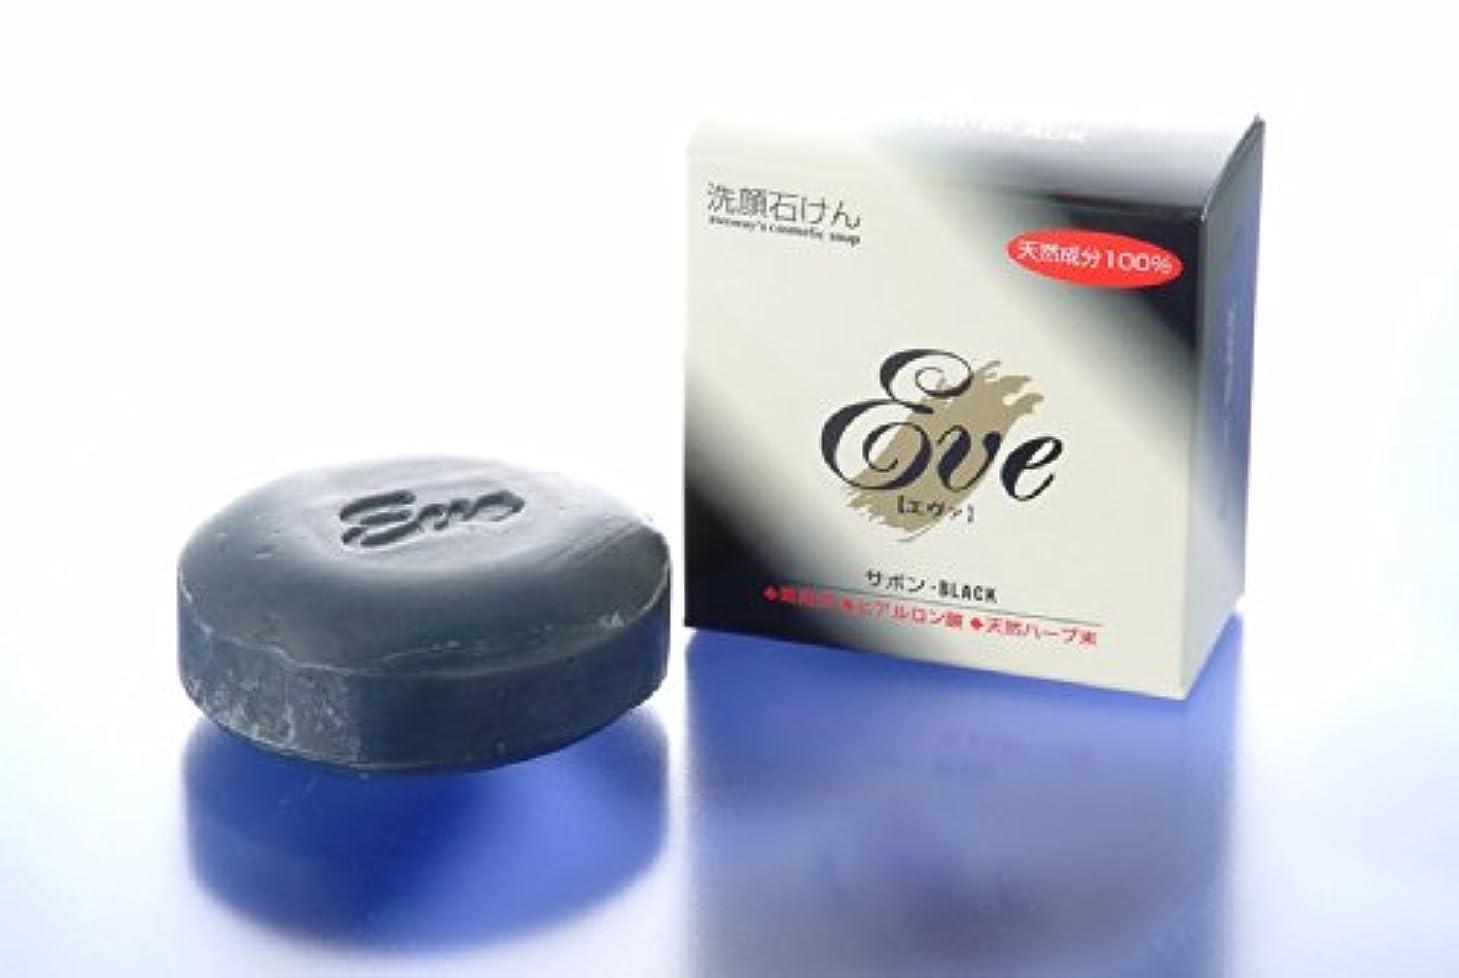 準拠くさびなぜ洗顔 化粧石鹸 サボンブラック 10個セット クレンジングの要らない石鹸です。